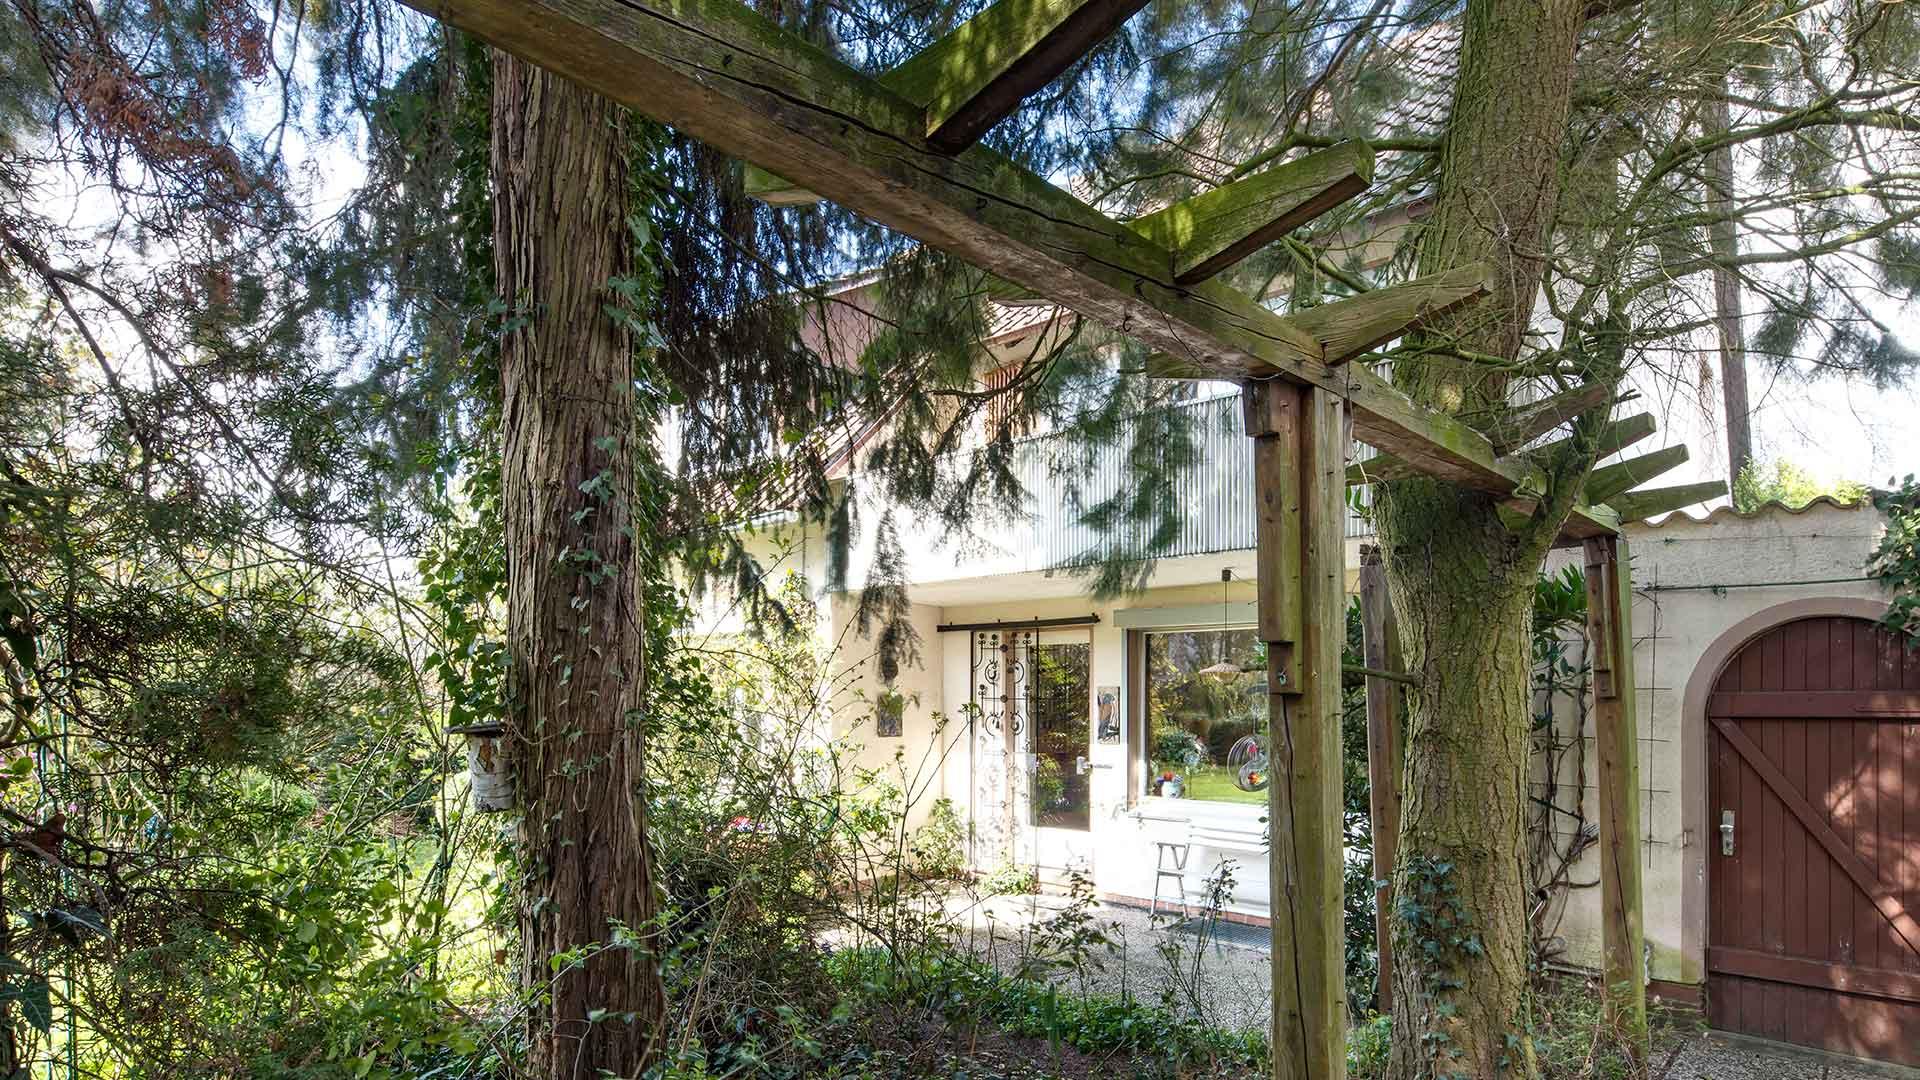 Architekturfotografie: Immobilie im Grünen | Foto: Dieter Eikenberg, imprints